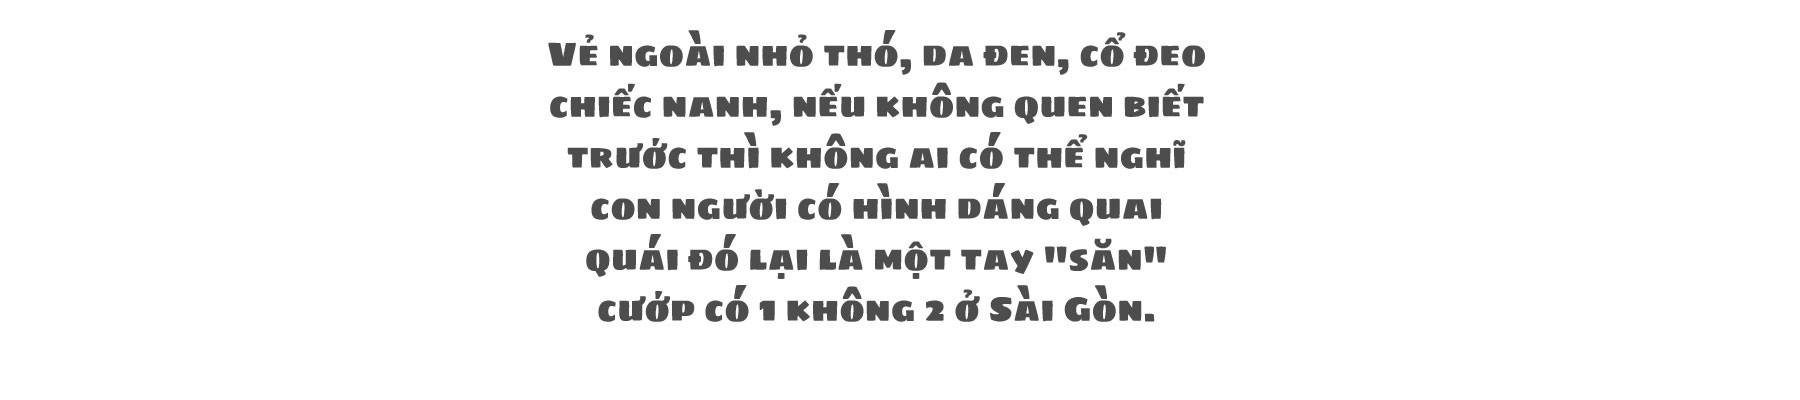 (eMagazine) - Quái kiệt săn cướp ở Sài Gòn - Ảnh 1.